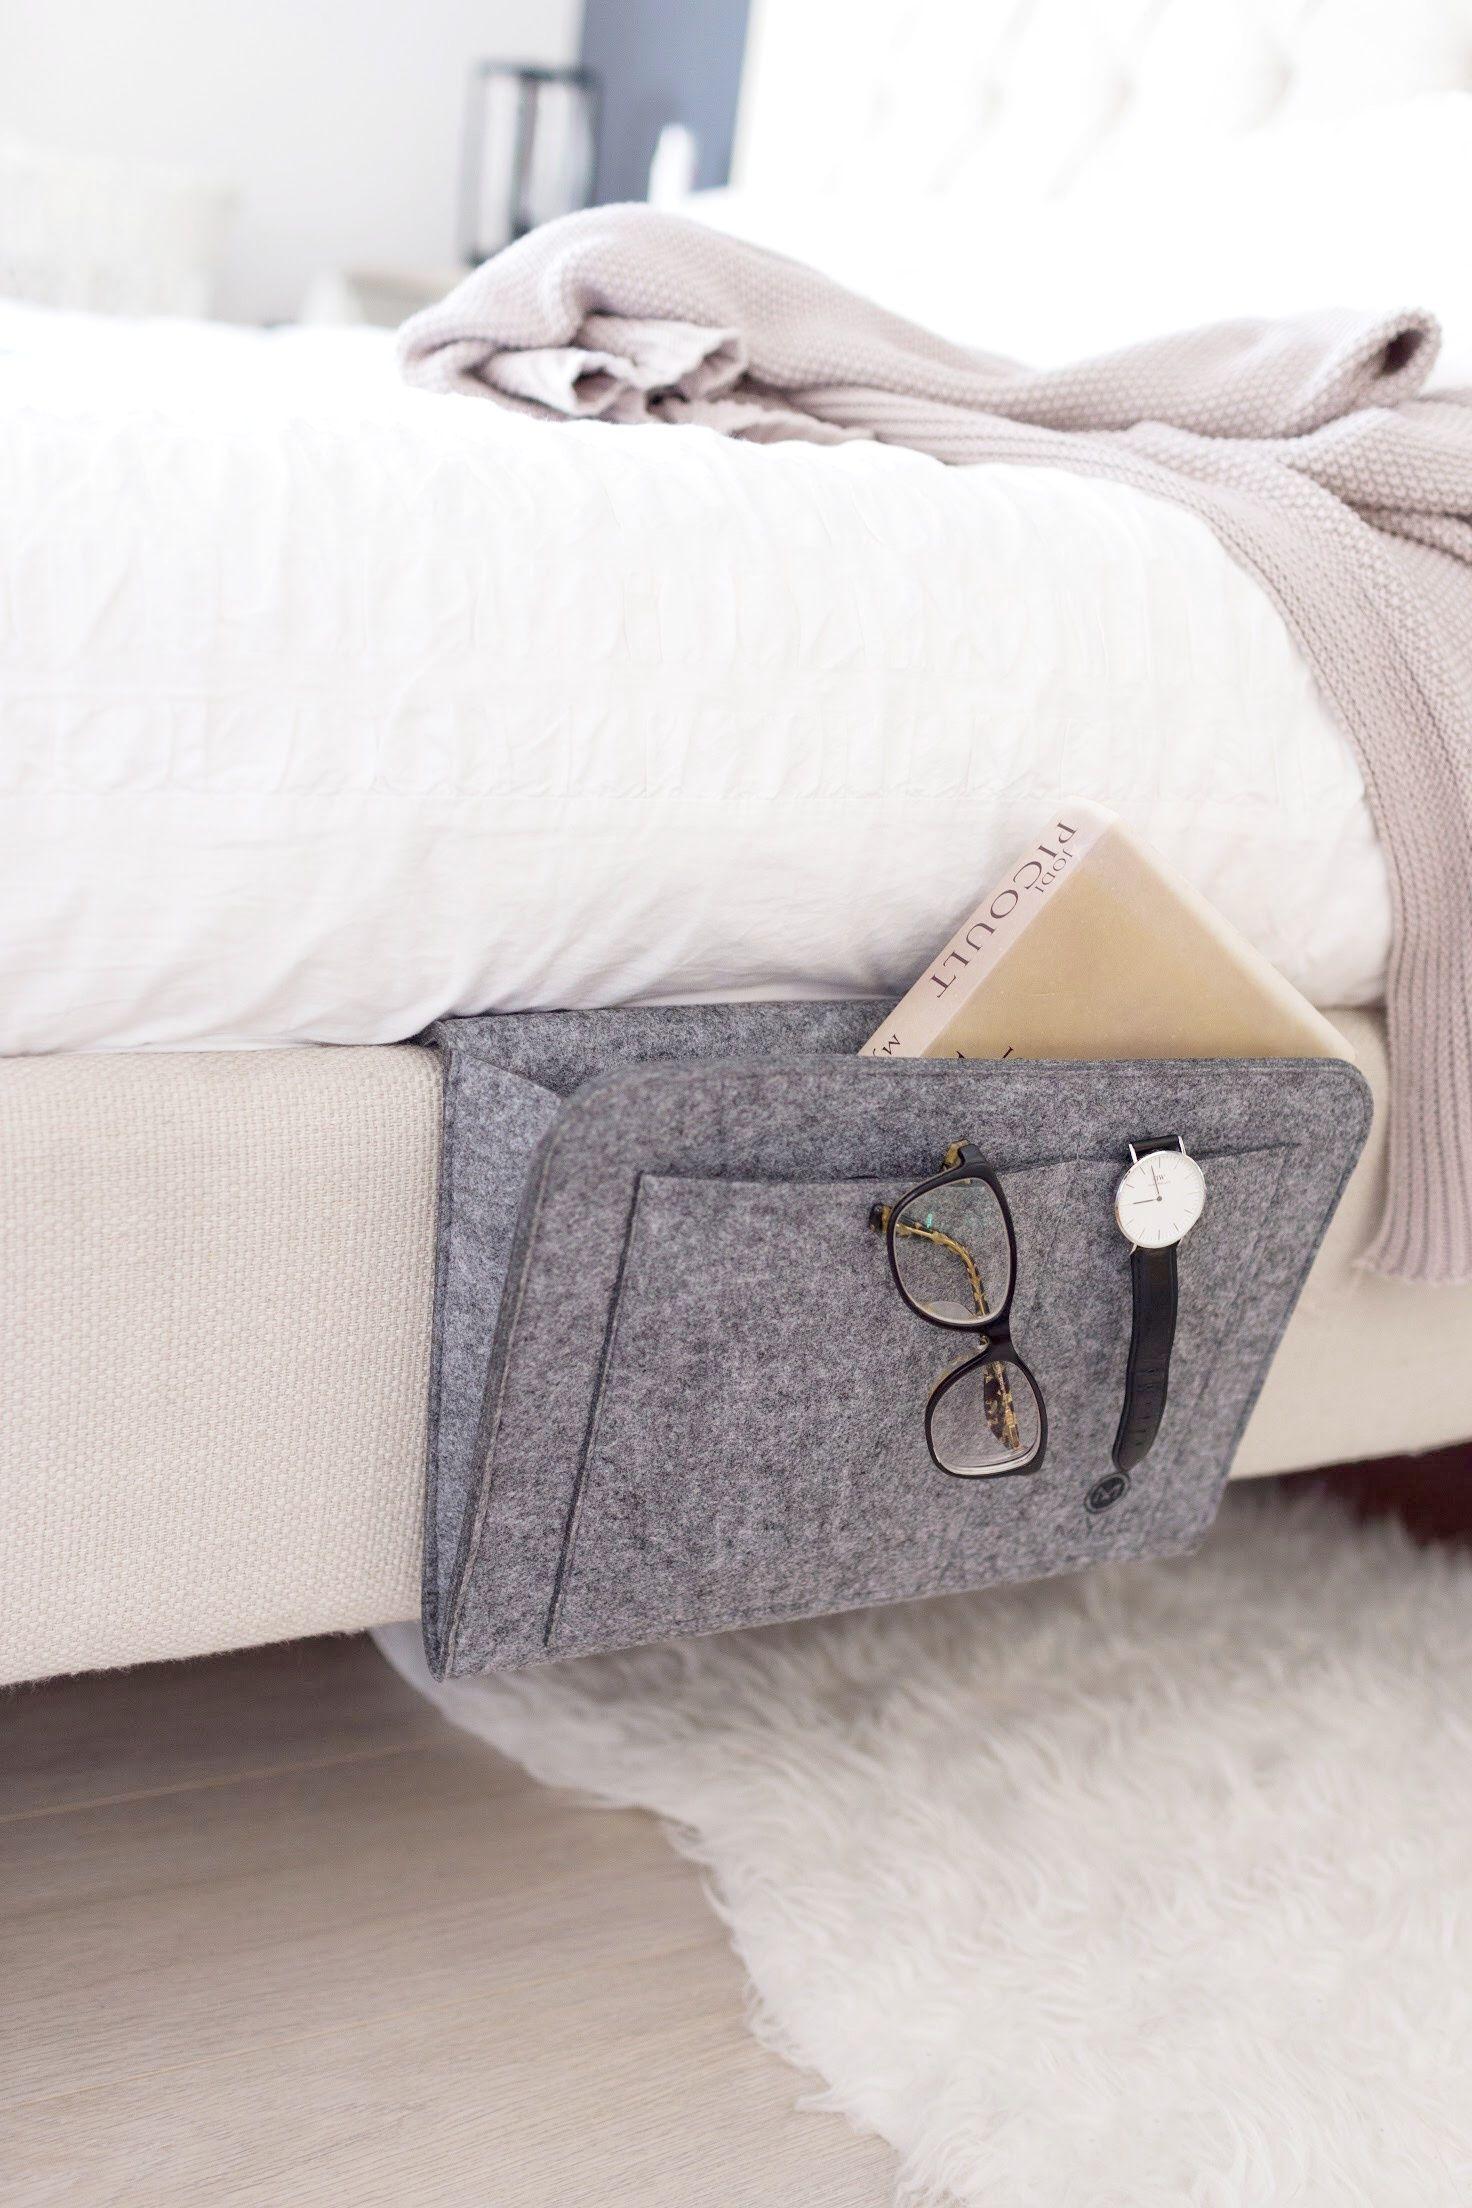 Mách bạn 10 mẹo giúp phòng ngủ nhỏ cỡ nào cũng xinh long lanh - Ảnh 3.